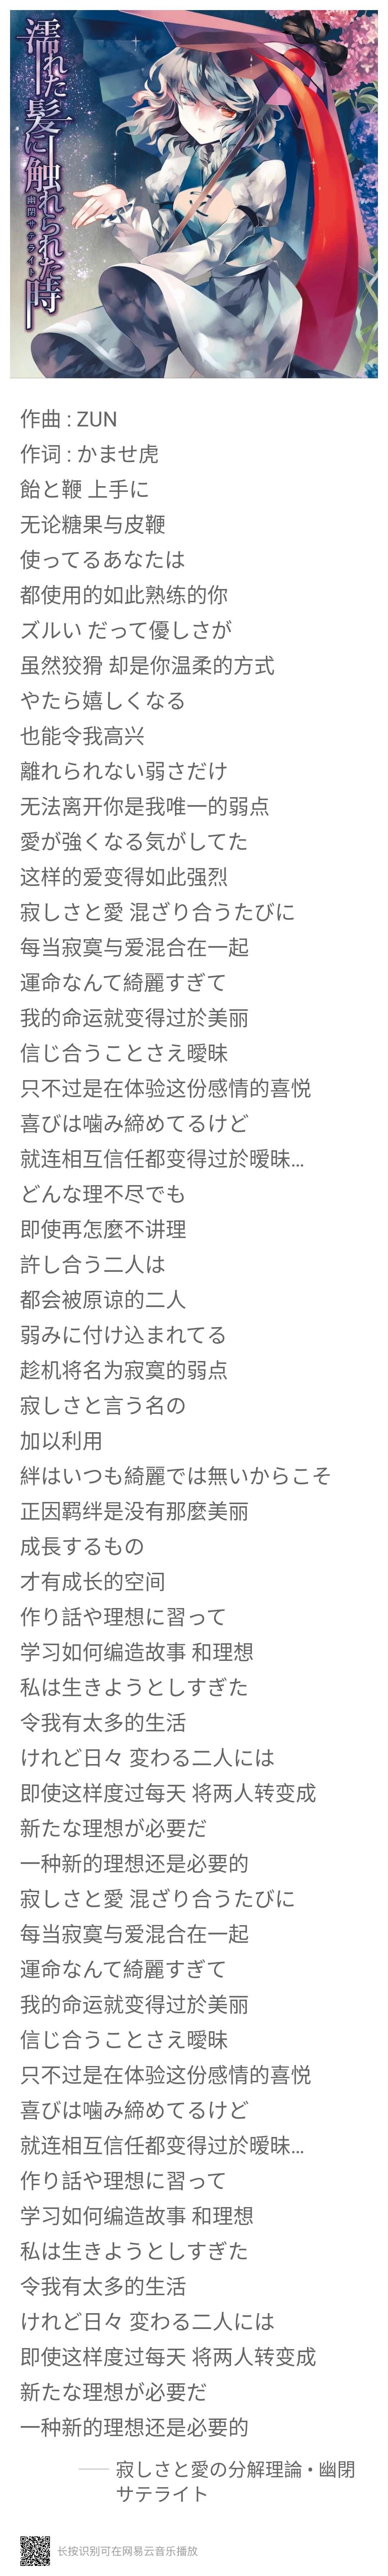 【音乐】寂しさと愛の分解理論